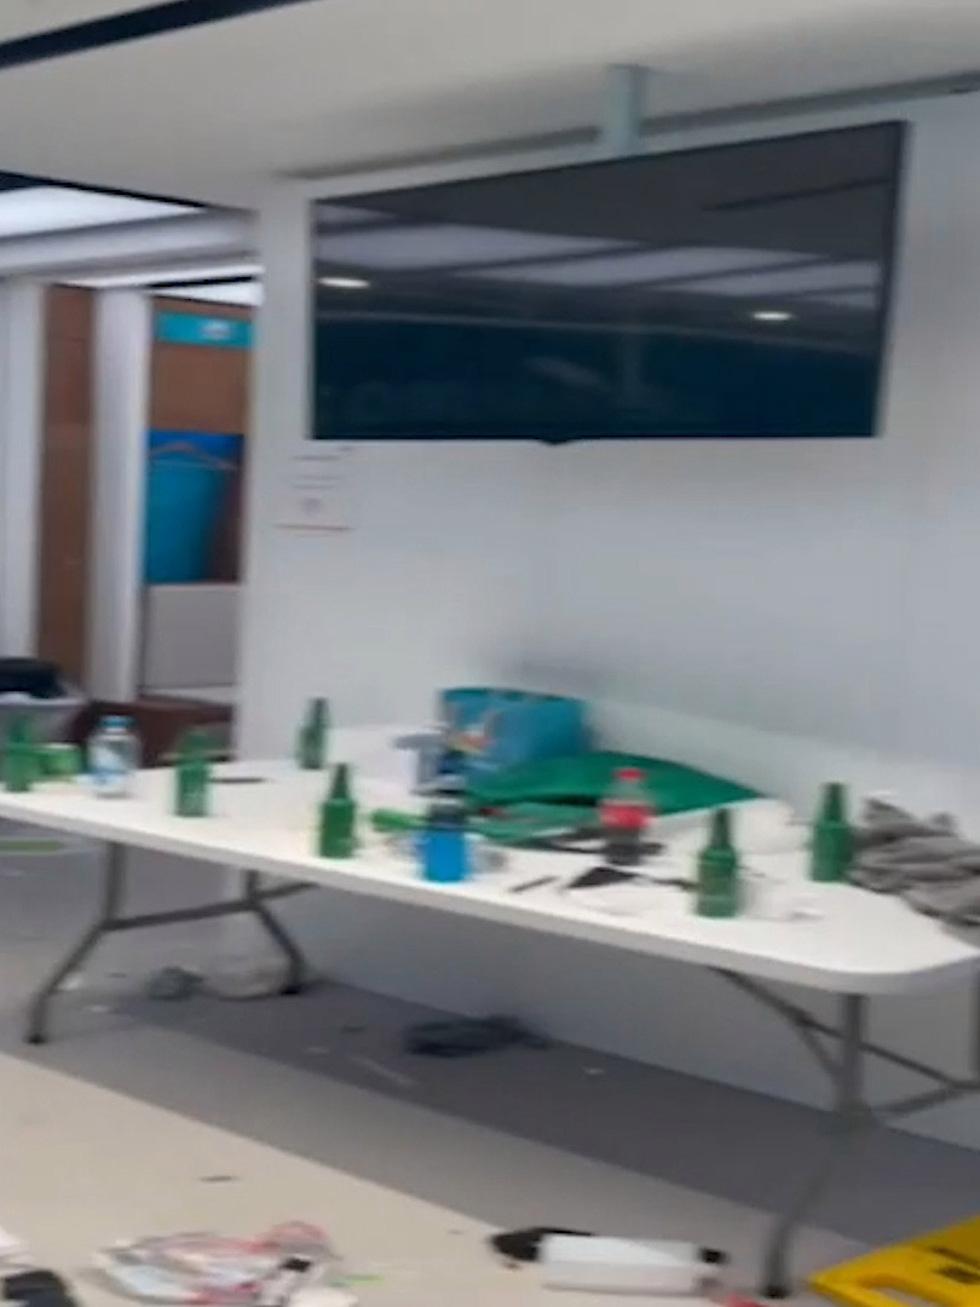 Phòng thay đồ của tuyển Ý sau trận chung kết với Anh đầy rác, quần áo và chai bia - Ảnh 5.